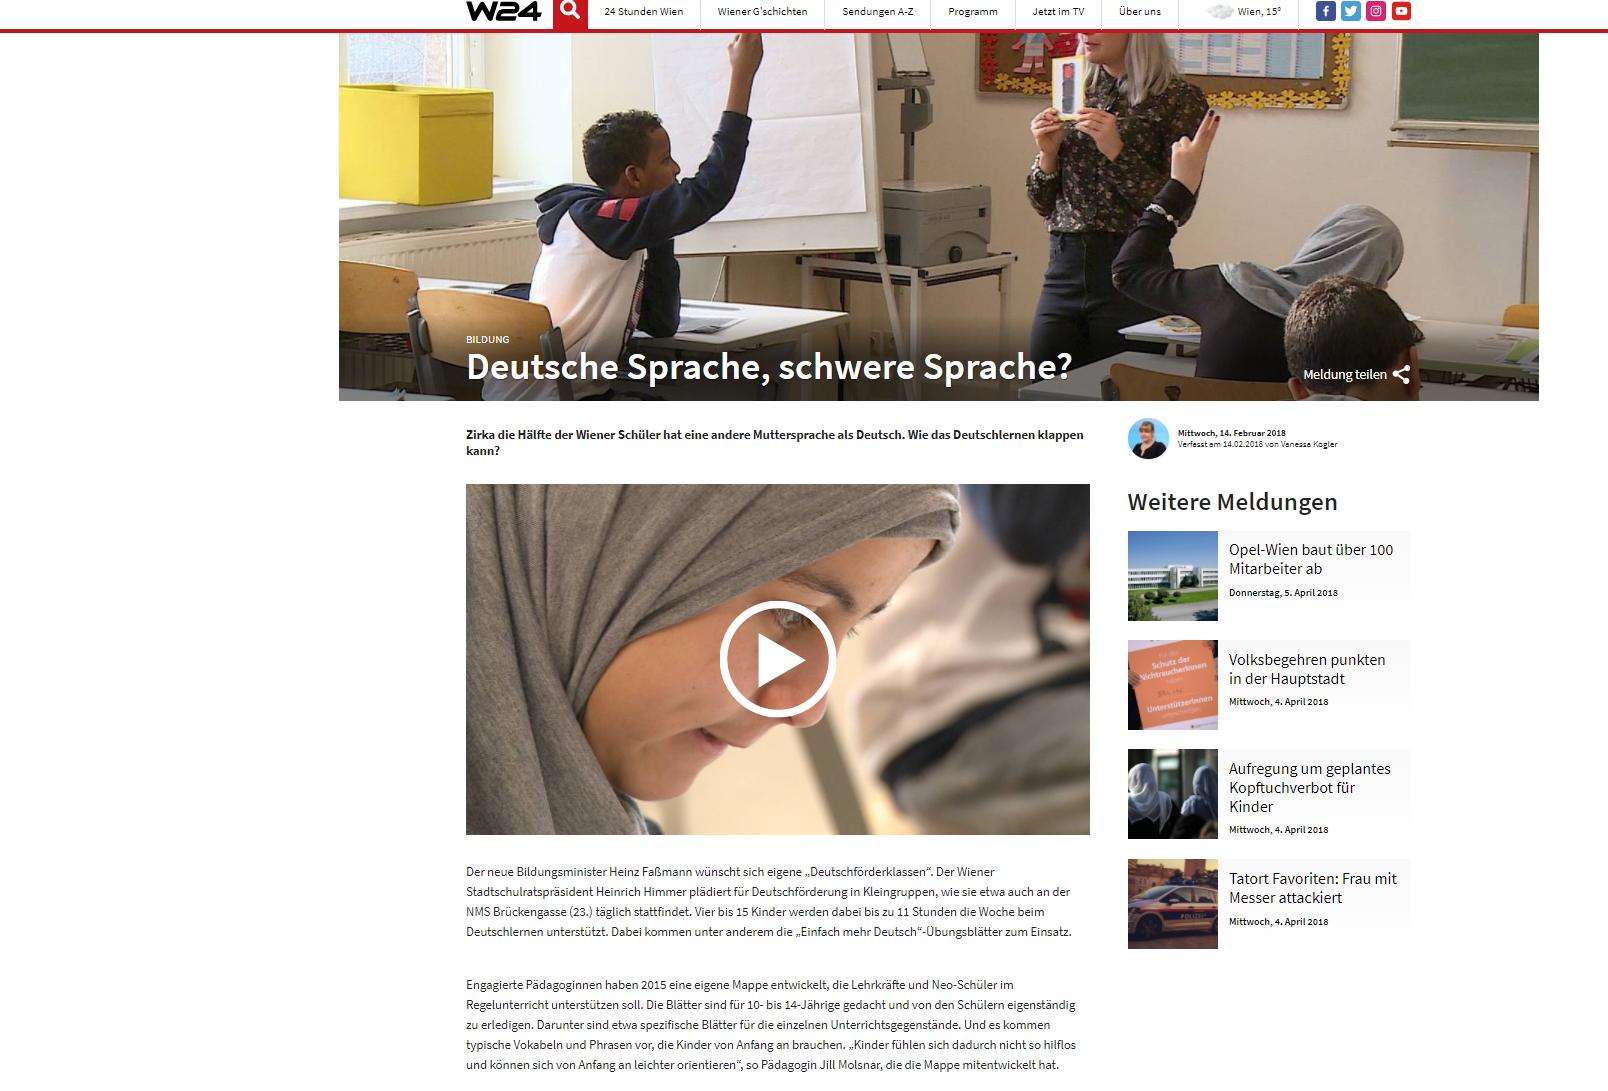 FireShot Capture 71 - Deutsche Sprache, schwere Sprache_ - W_ - https___www.w24.at_Meldungen_2018_